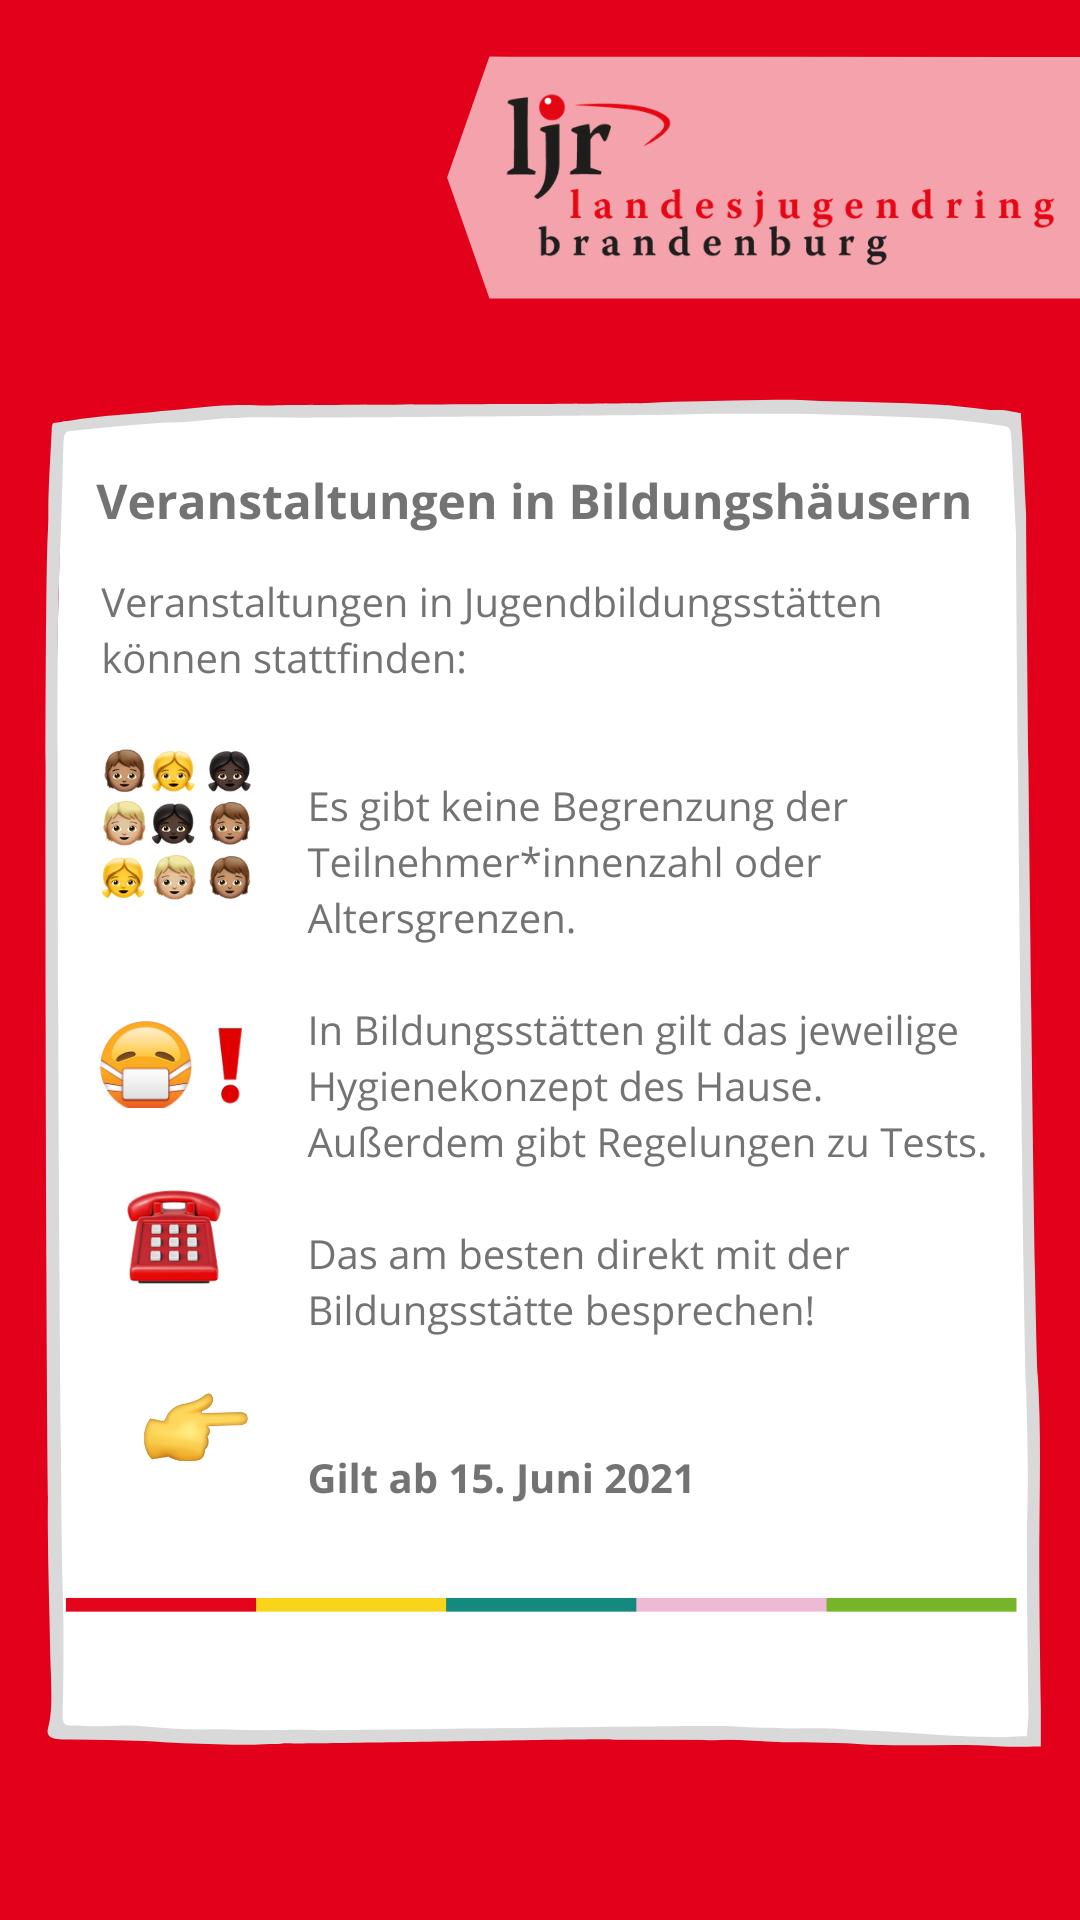 https://www.ljr-brandenburg.de/wp-content/uploads/2021/06/210615_CoronaRegelnInstaStory-1.png